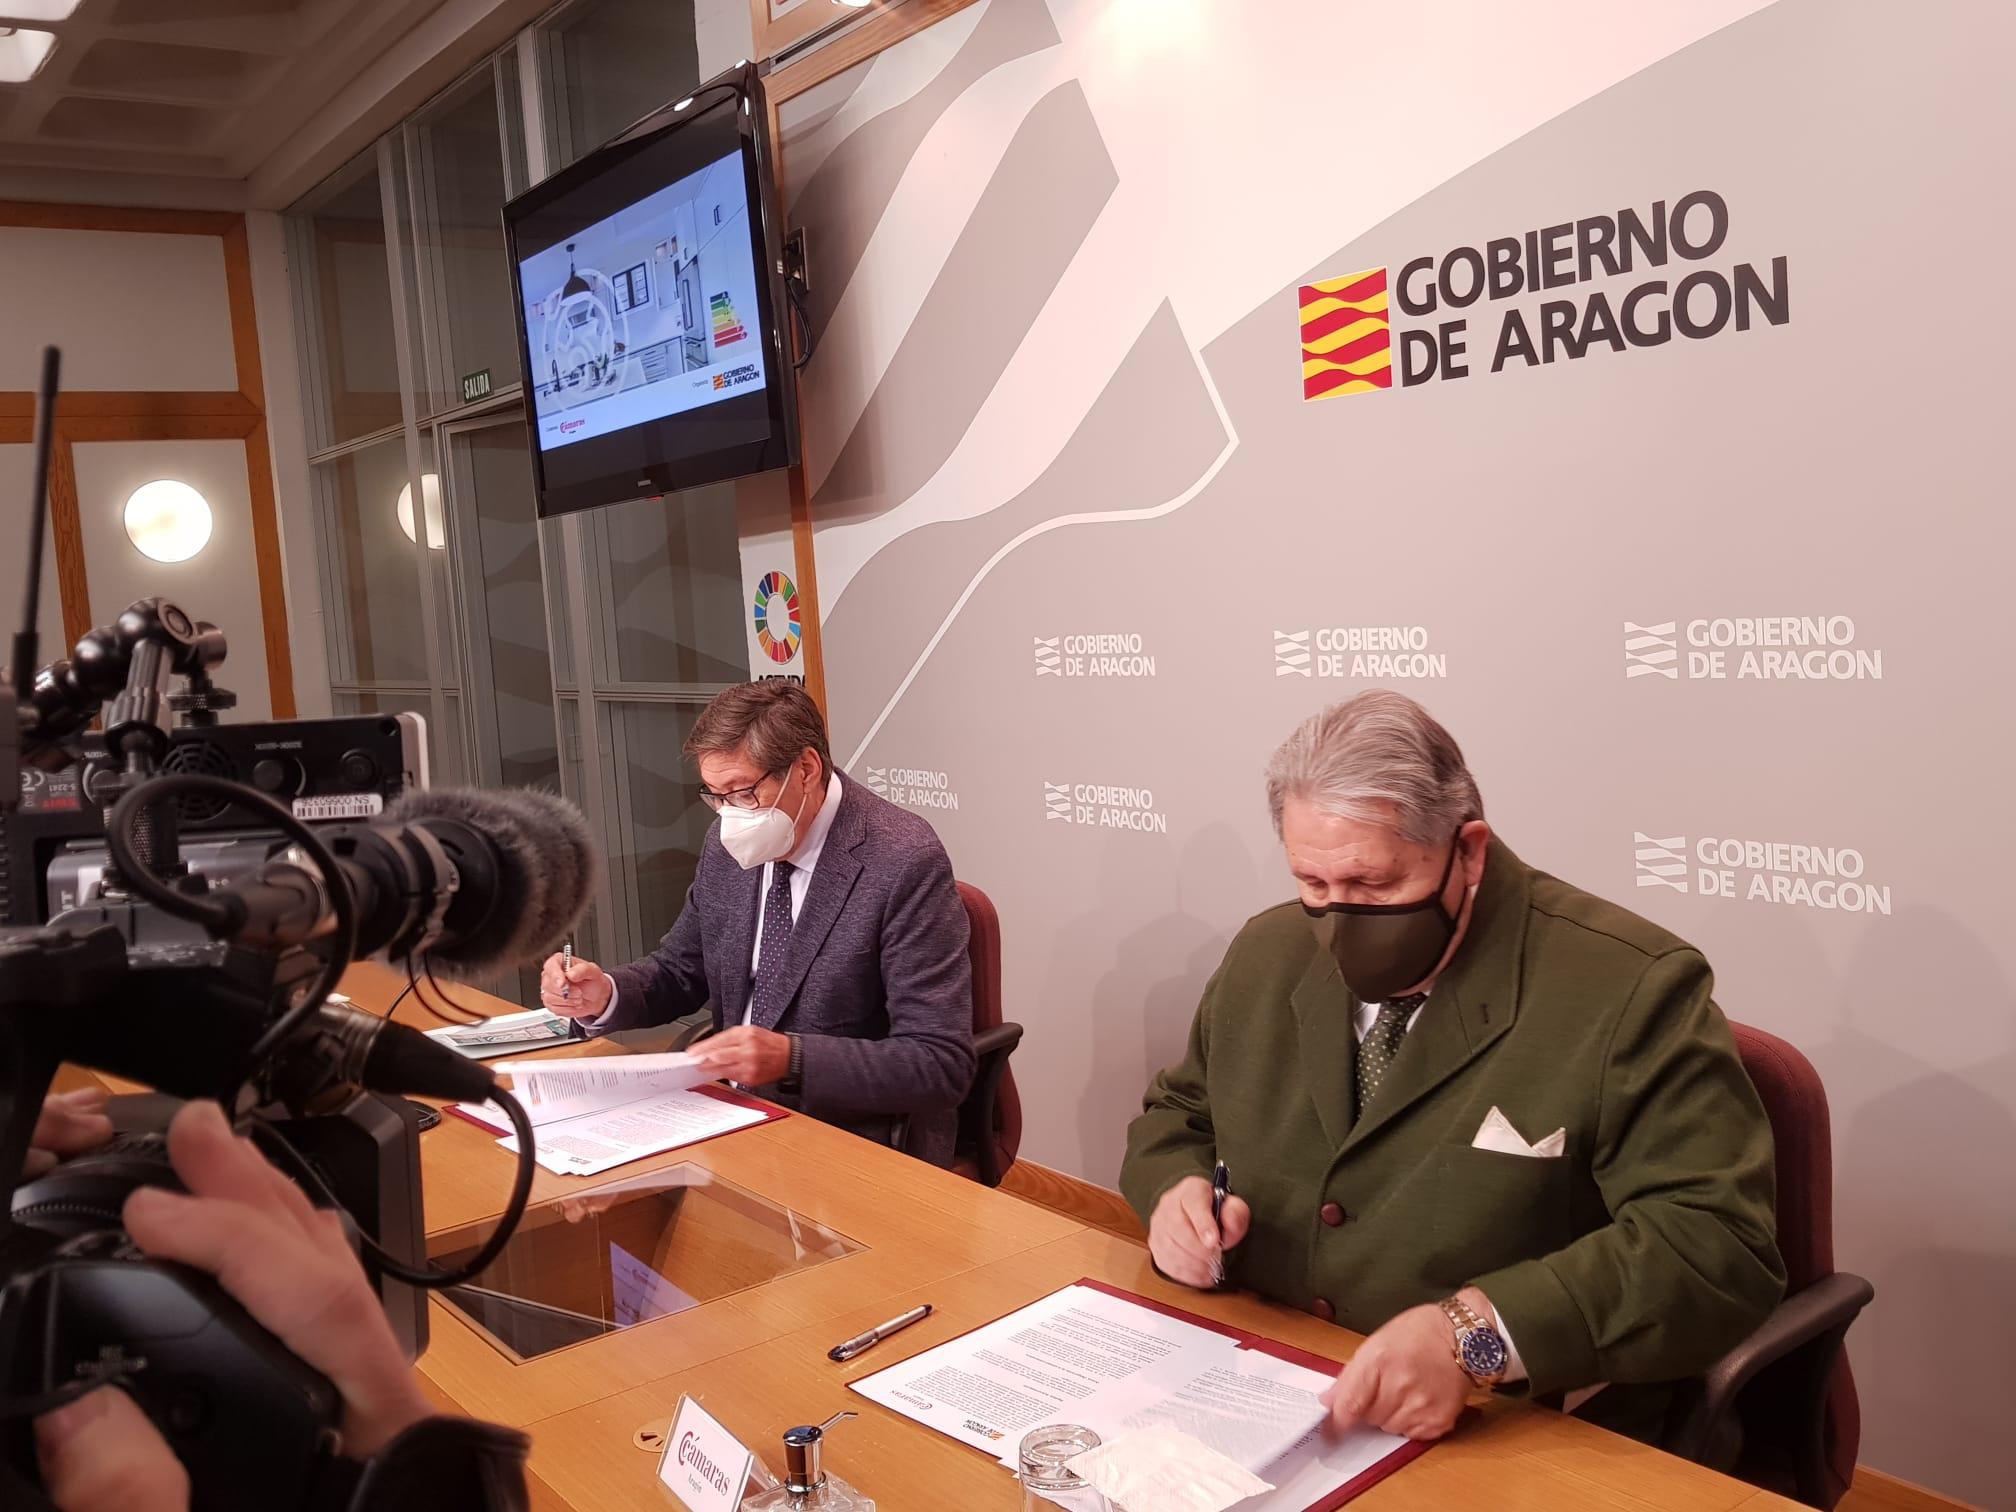 Las Cámaras ayudan al Gobierno de Aragón en la gestión de las ayudas del Plan Renove de electrodomésticos y calderas 2020